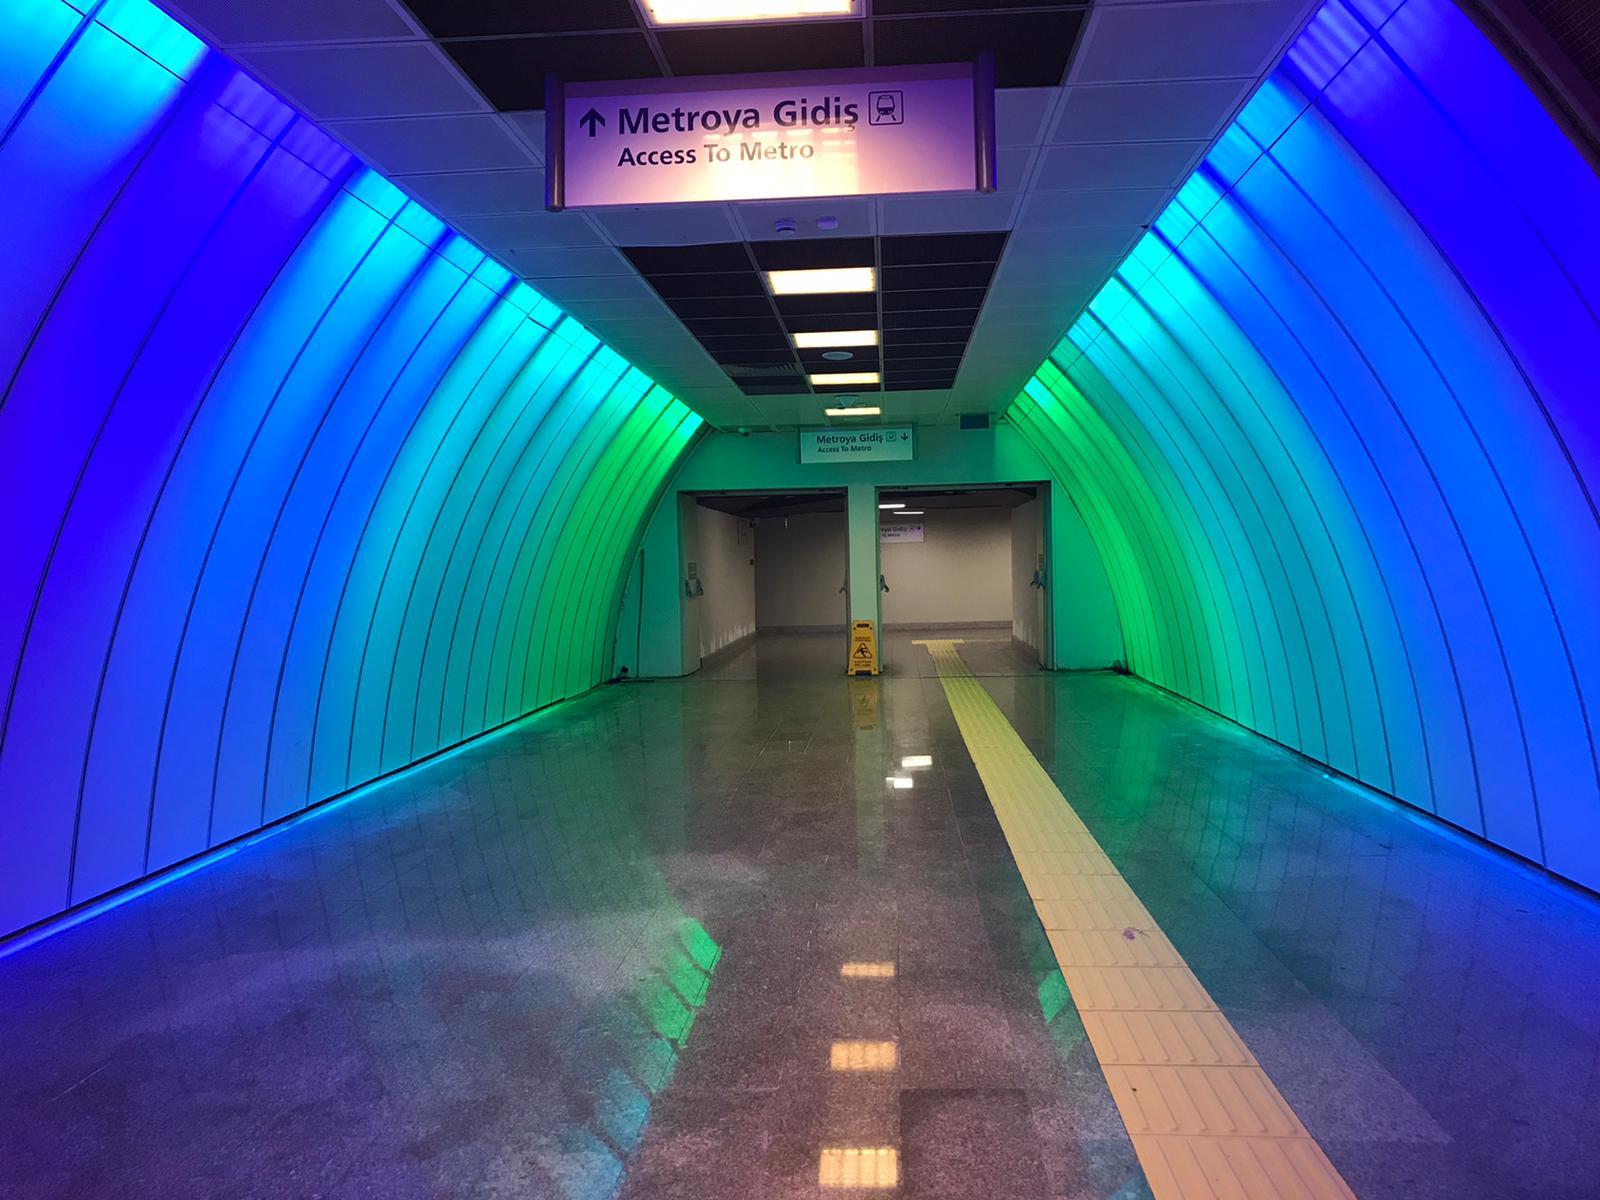 m6 levent metro ışığı bazplan